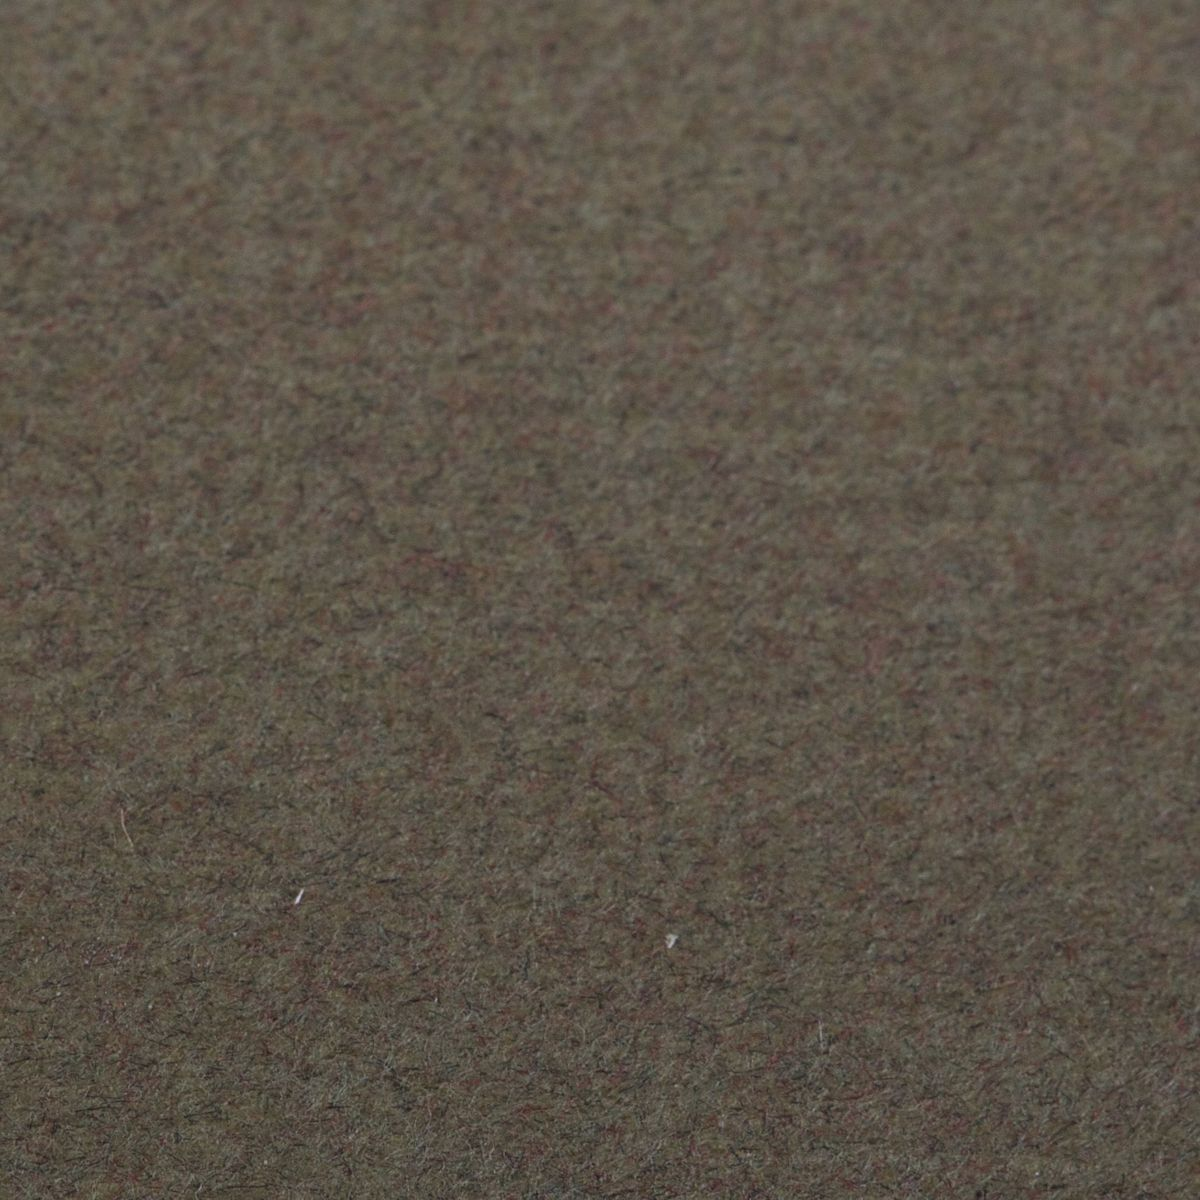 Бумага Clairefontaine Etival Color, формат A4, цвет обложки: серо-коричневый, 25 листов93855СБумага ETIVAL COLOR (А4, 160г, 25л) Каштан 93855С